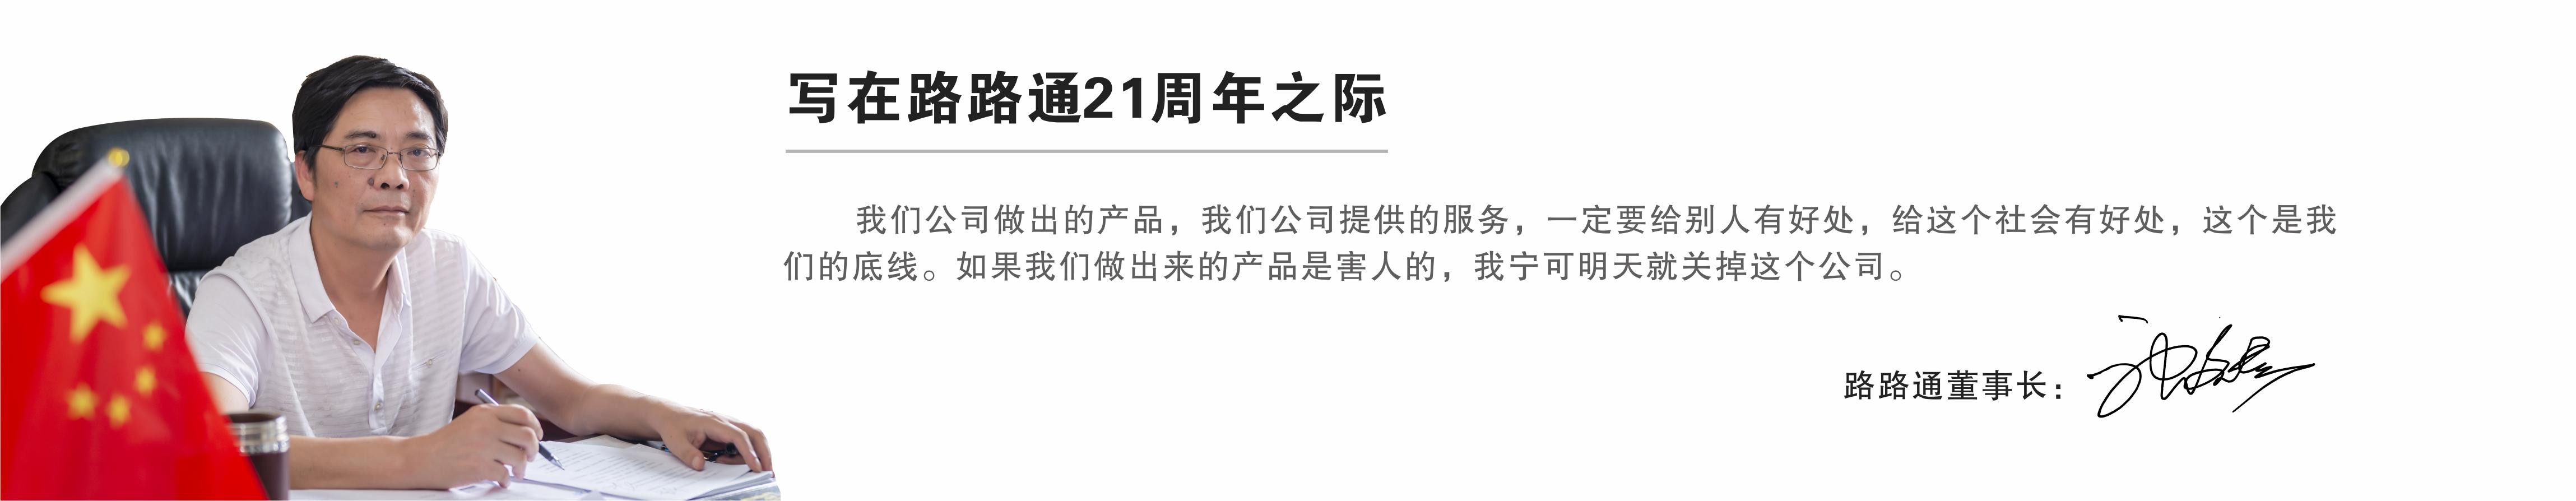 路路通树脂瓦生产厂家董事长唐冬云寄语